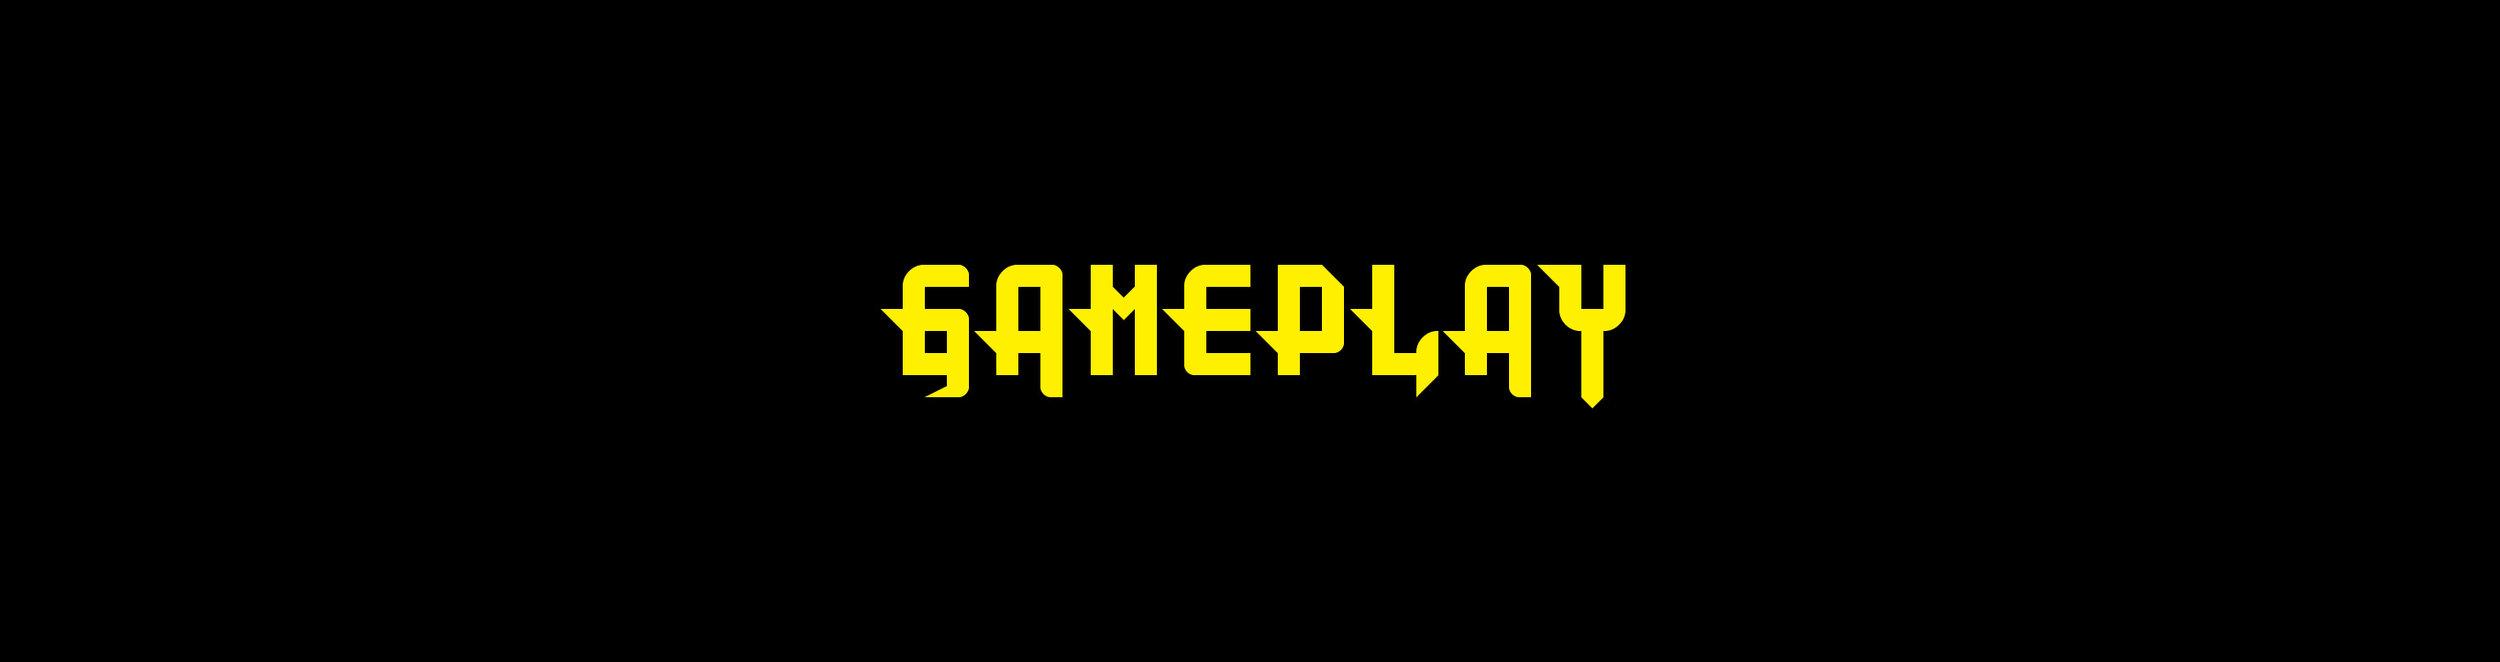 Spellslingers Gameplay Banner